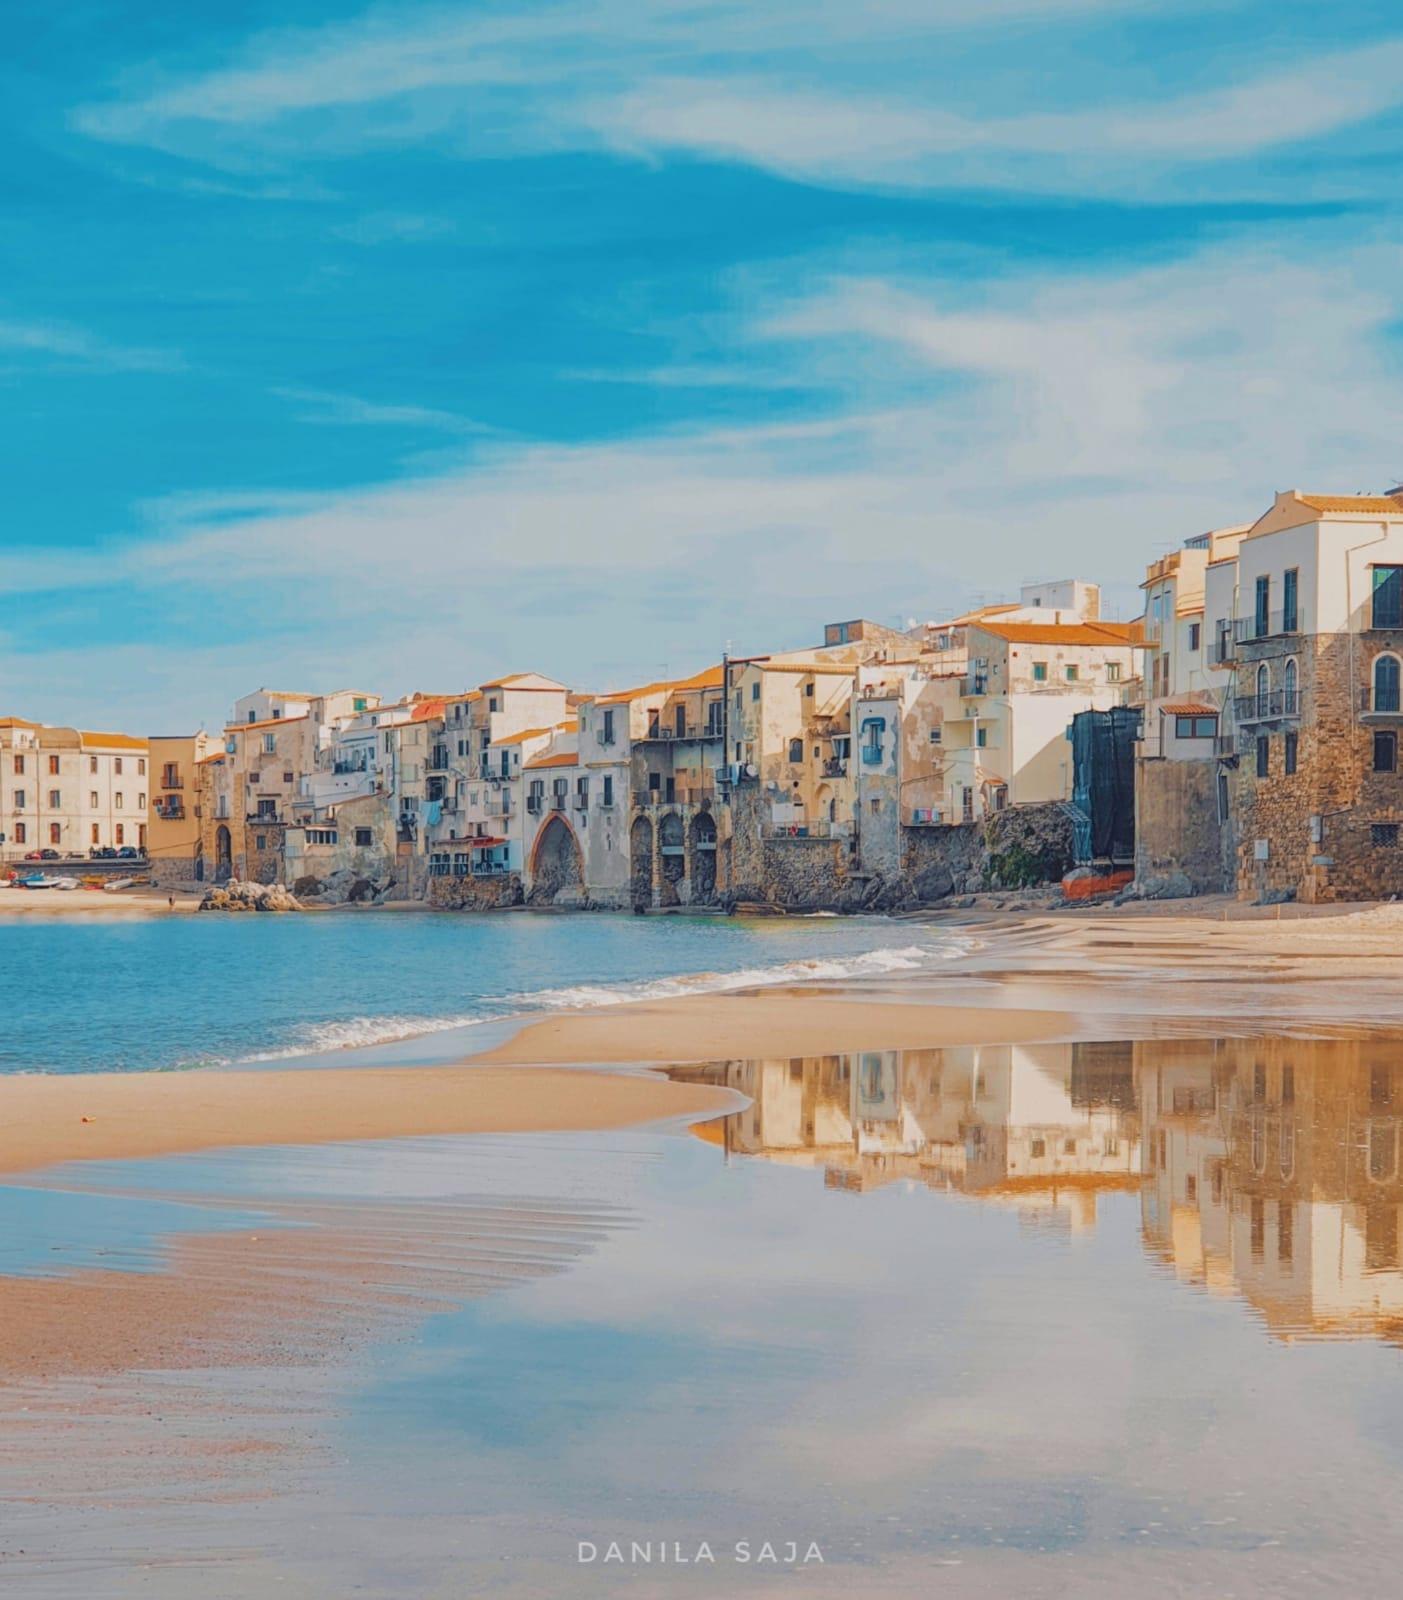 A Cefalù, Ferragosto all'insegna delle spiagge pulite